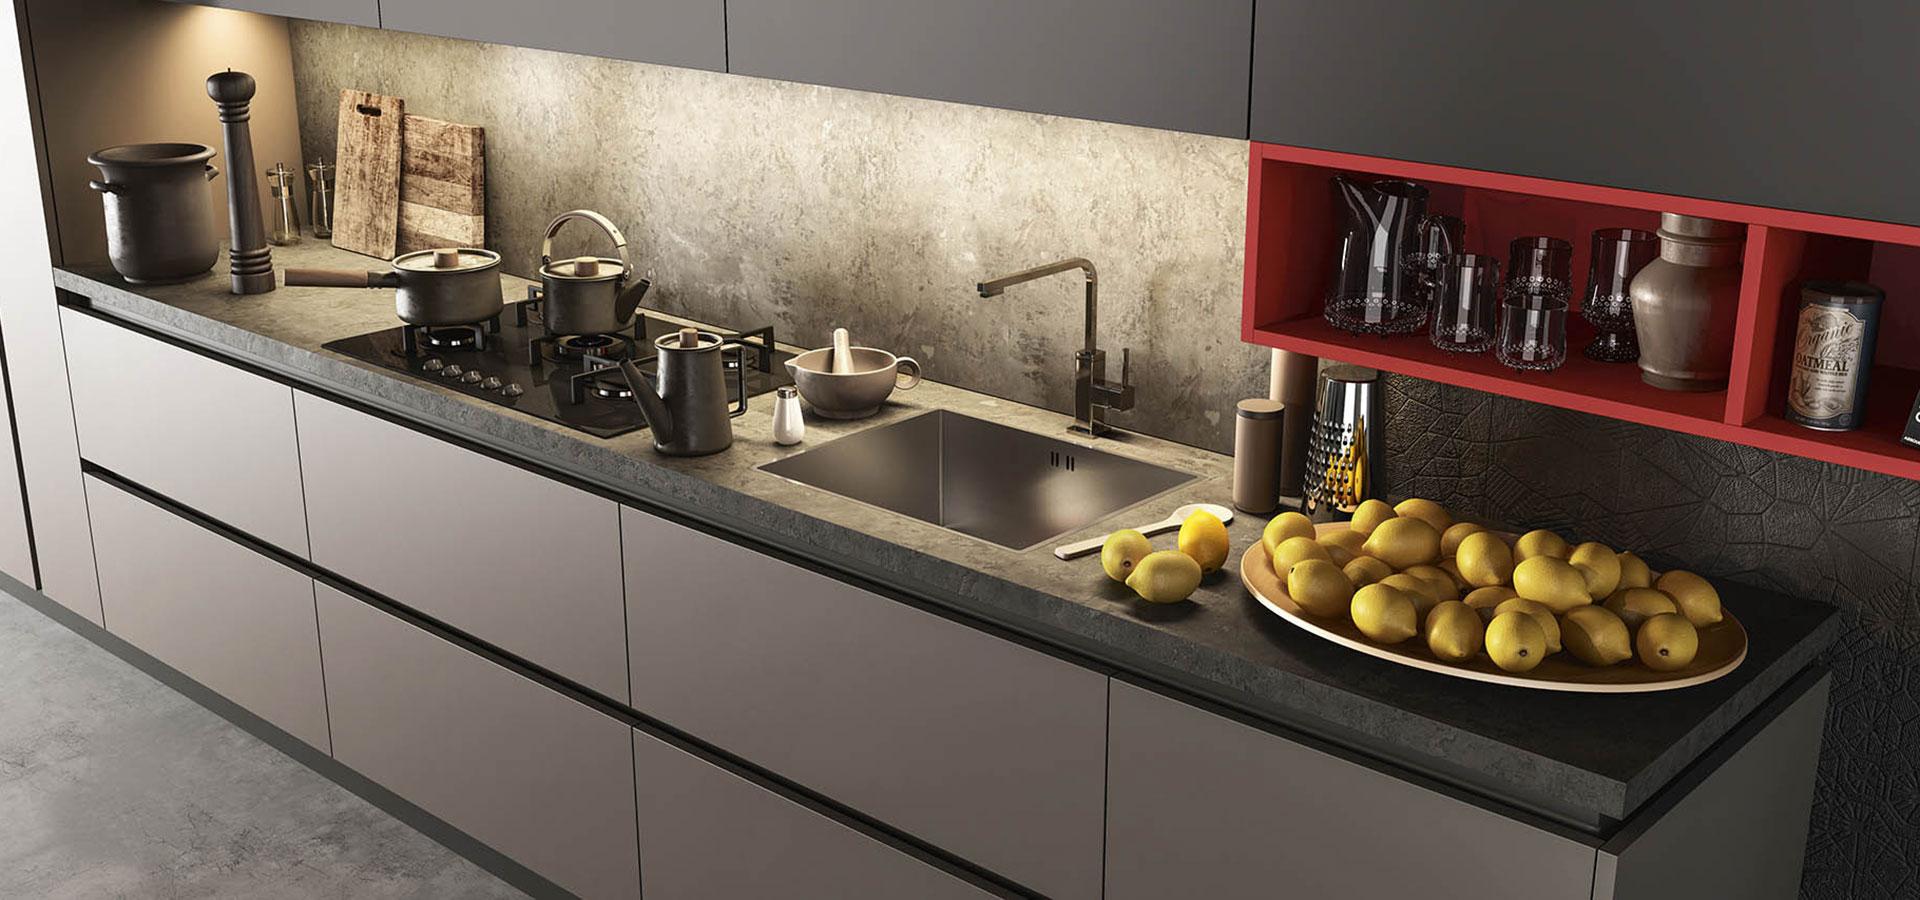 Top cucina come scegliere il materiale pi adatto a te - Cucina nera legno ...